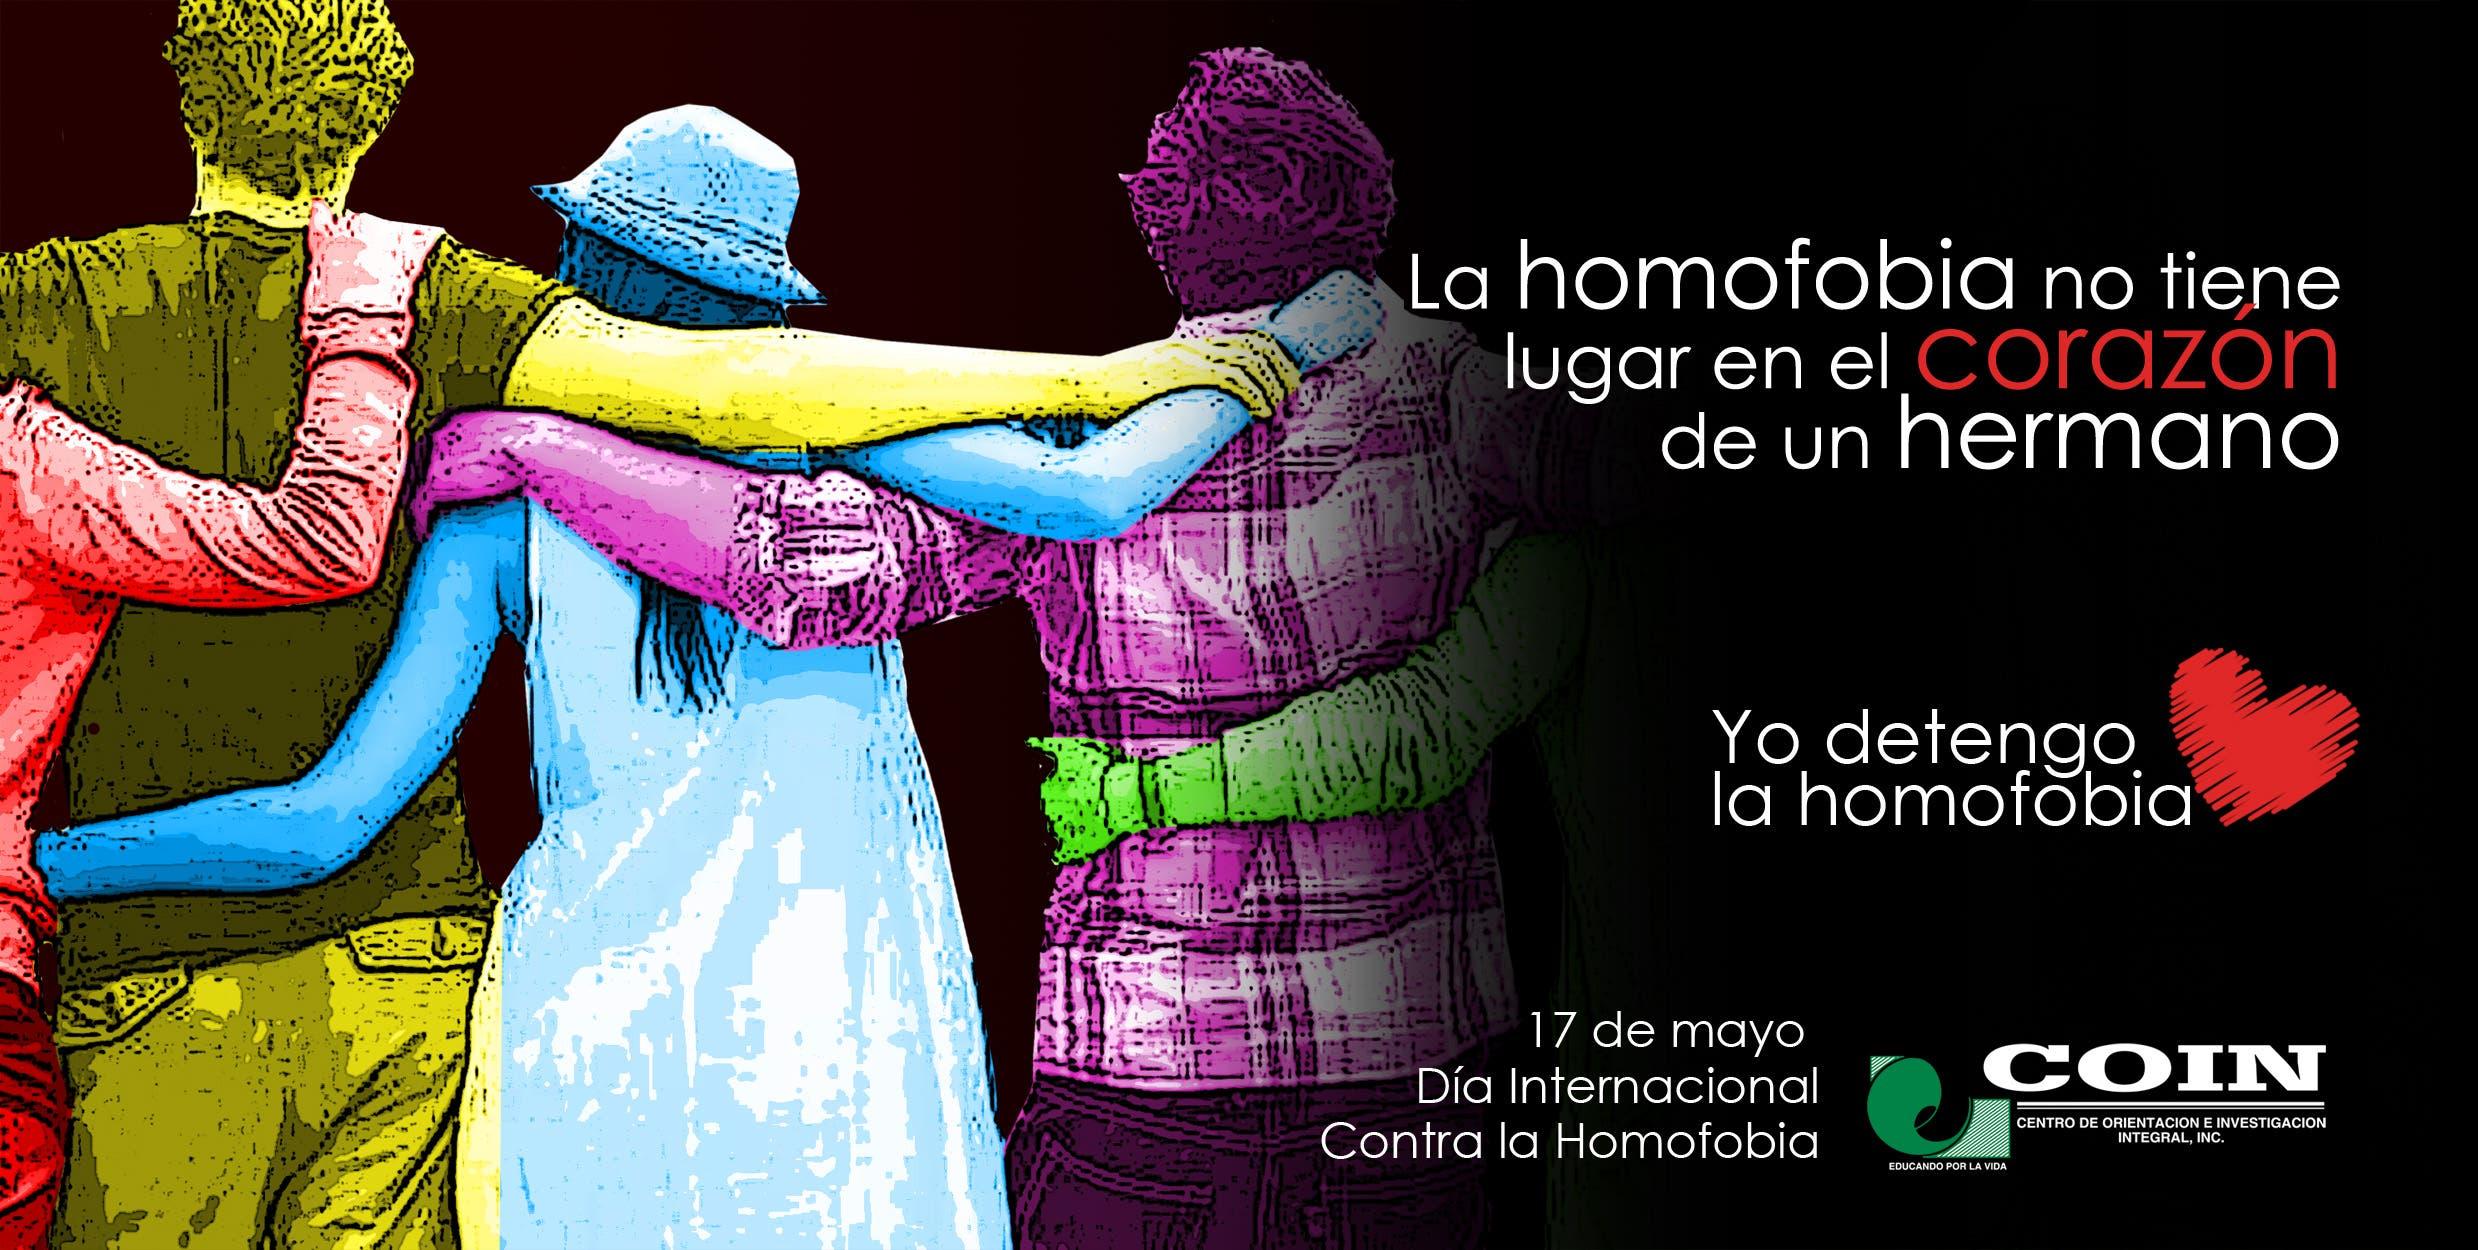 El objetivo  de la campaña es visibilizar el rechazo a  toda forma de expresión de homofobia por parte de familiares, amigos allegados a personas homosexuales.